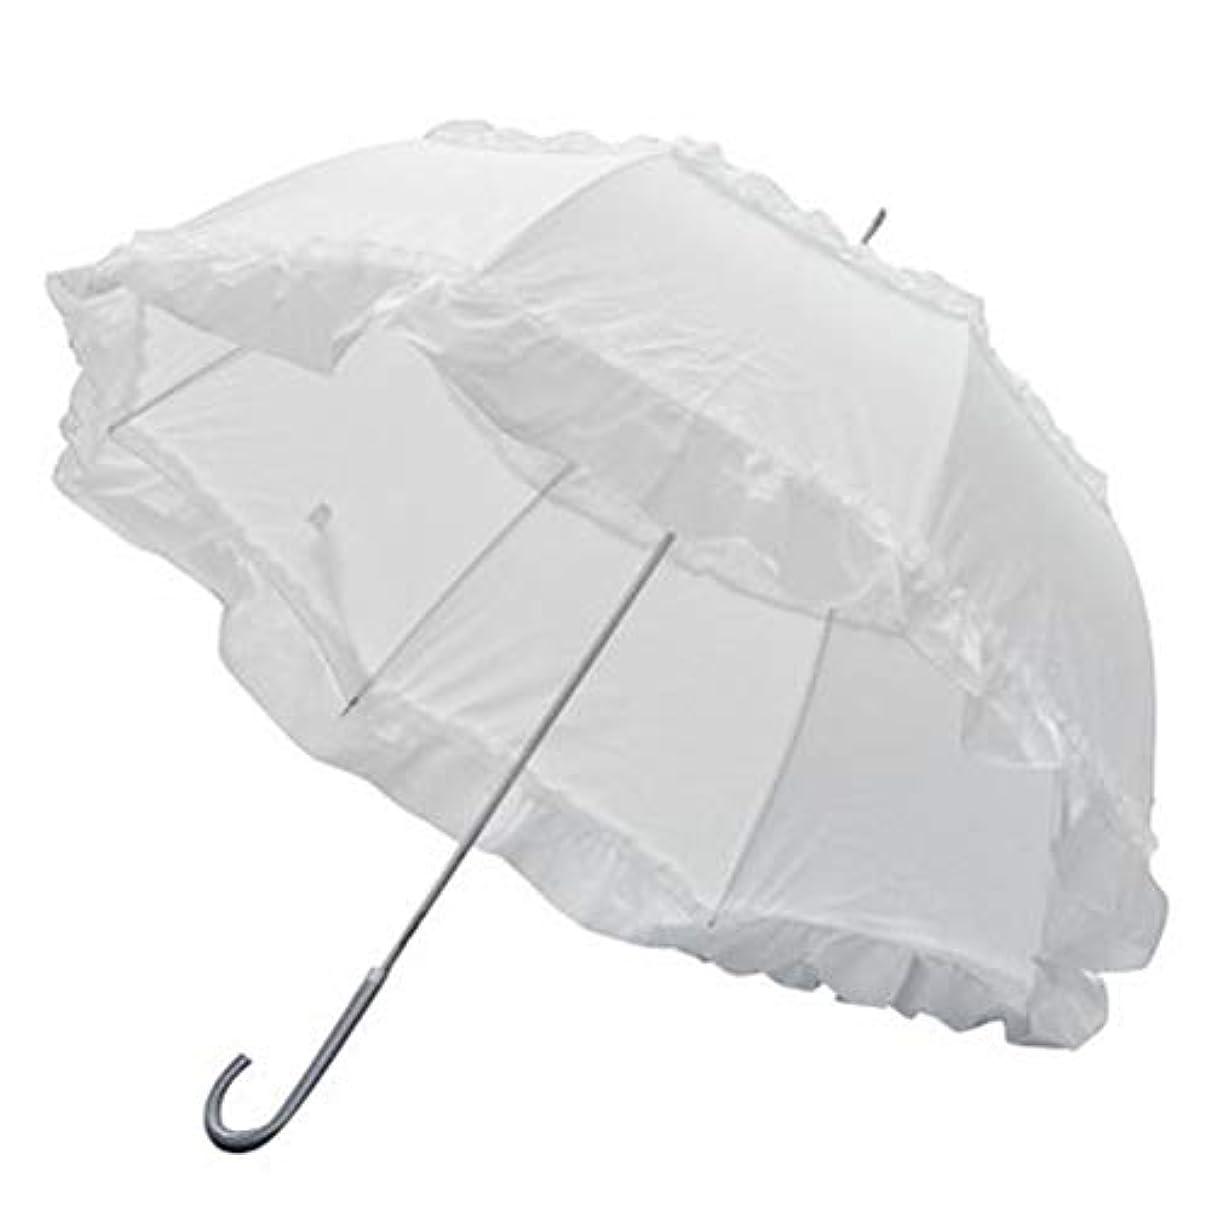 旋回局目立つ[CAIXINGYI] 晴雨兼用 日傘 UVカット 2段フリル 折傘 折りたたみ日傘 遮光 遮熱 軽量 フリル付日傘 ドーム型 手開き 傘 ブラック 60cm×8本骨 ジャンプ傘 (白)